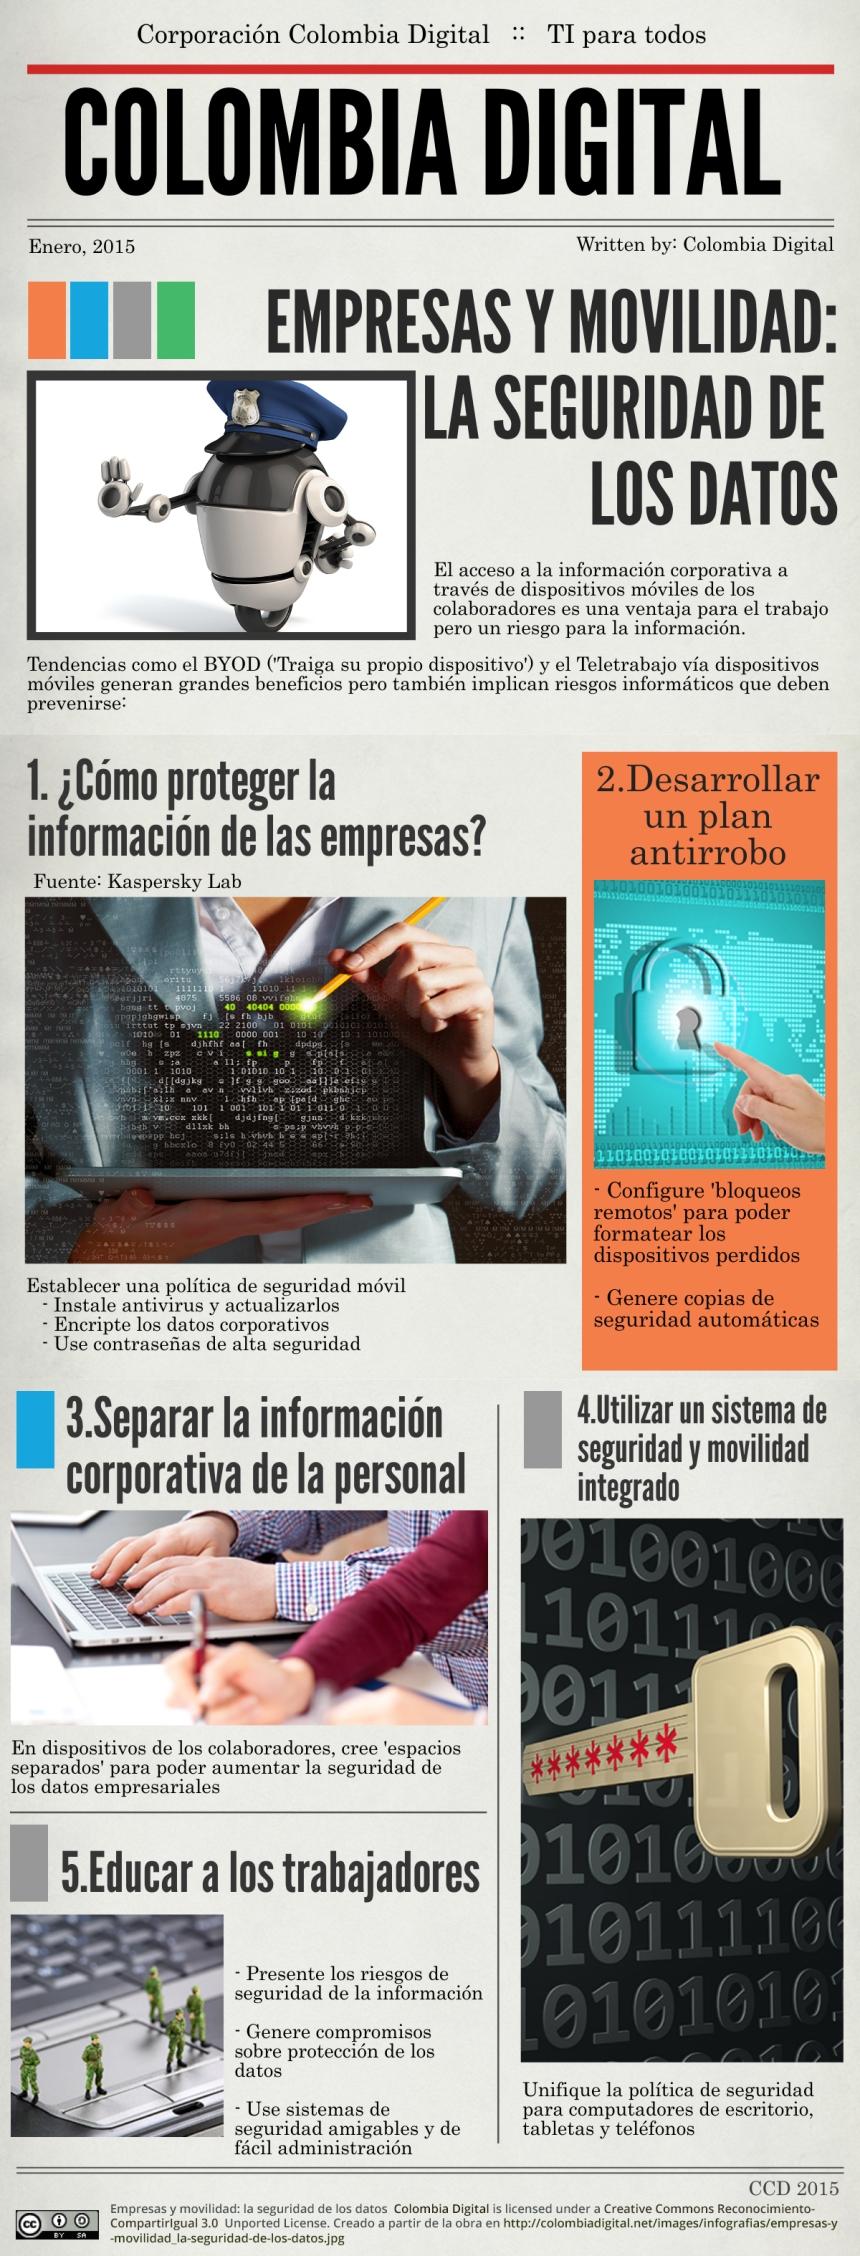 Empresas y movilidad: seguridad de los datos